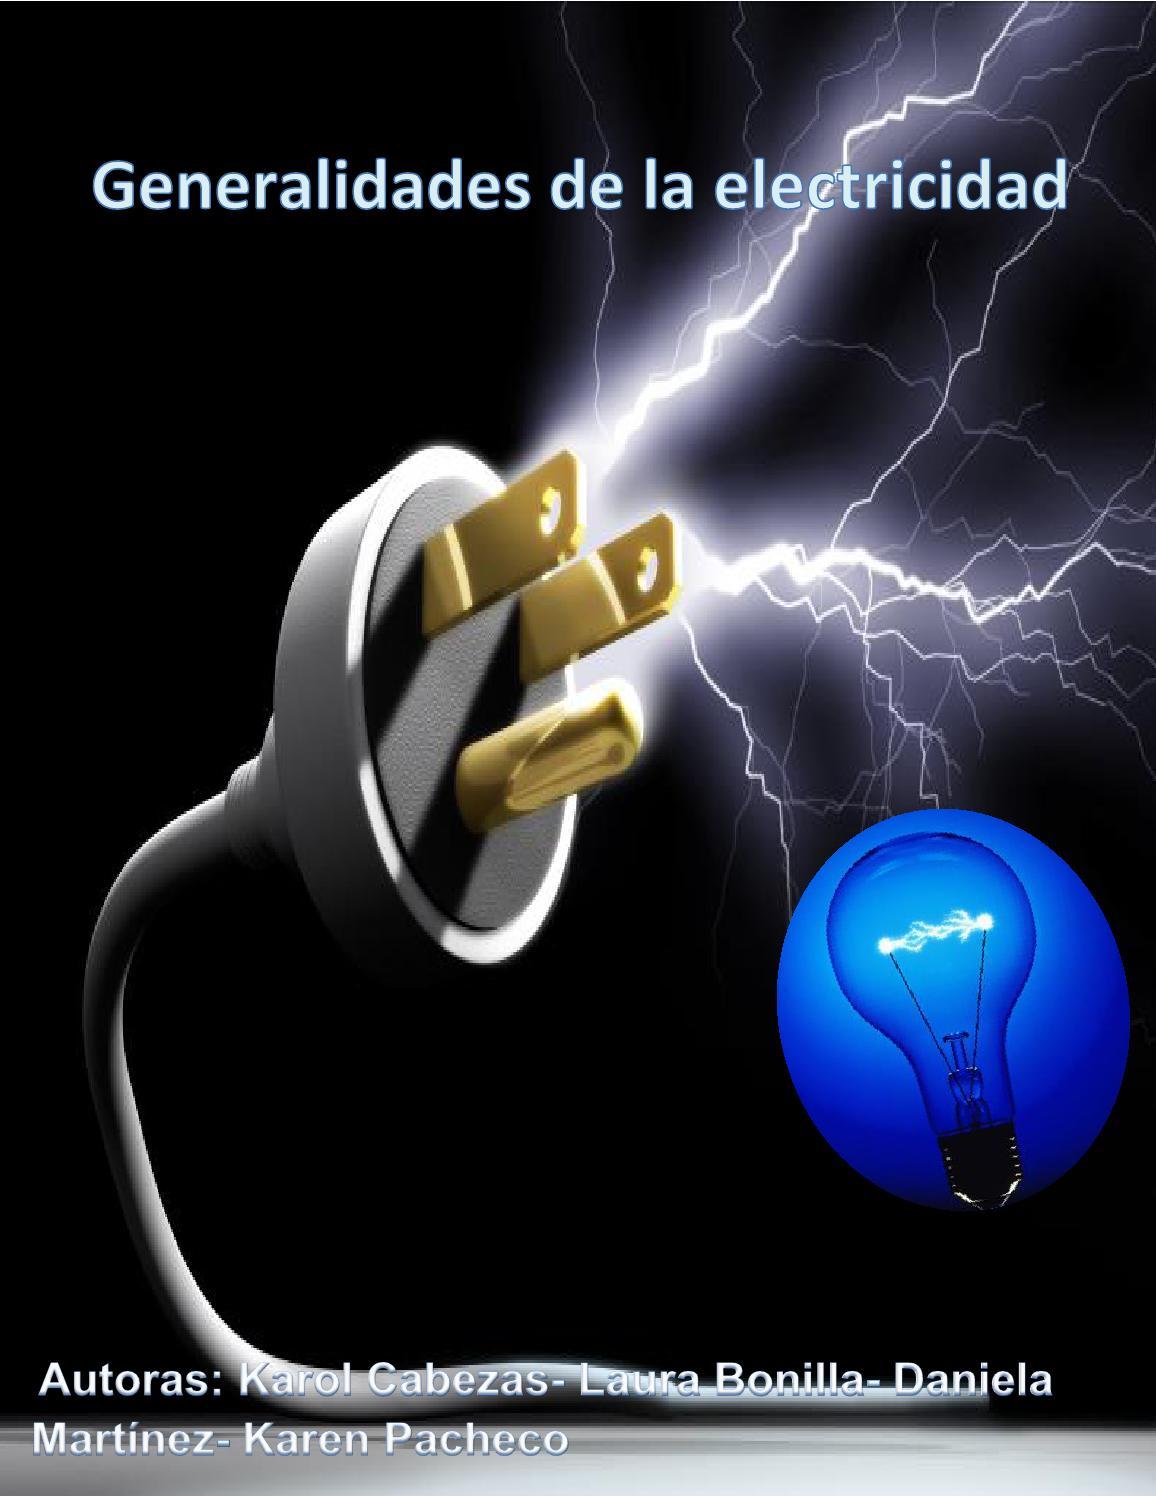 Generalidades de la electricidad by karol cabezas issuu for Electricidad